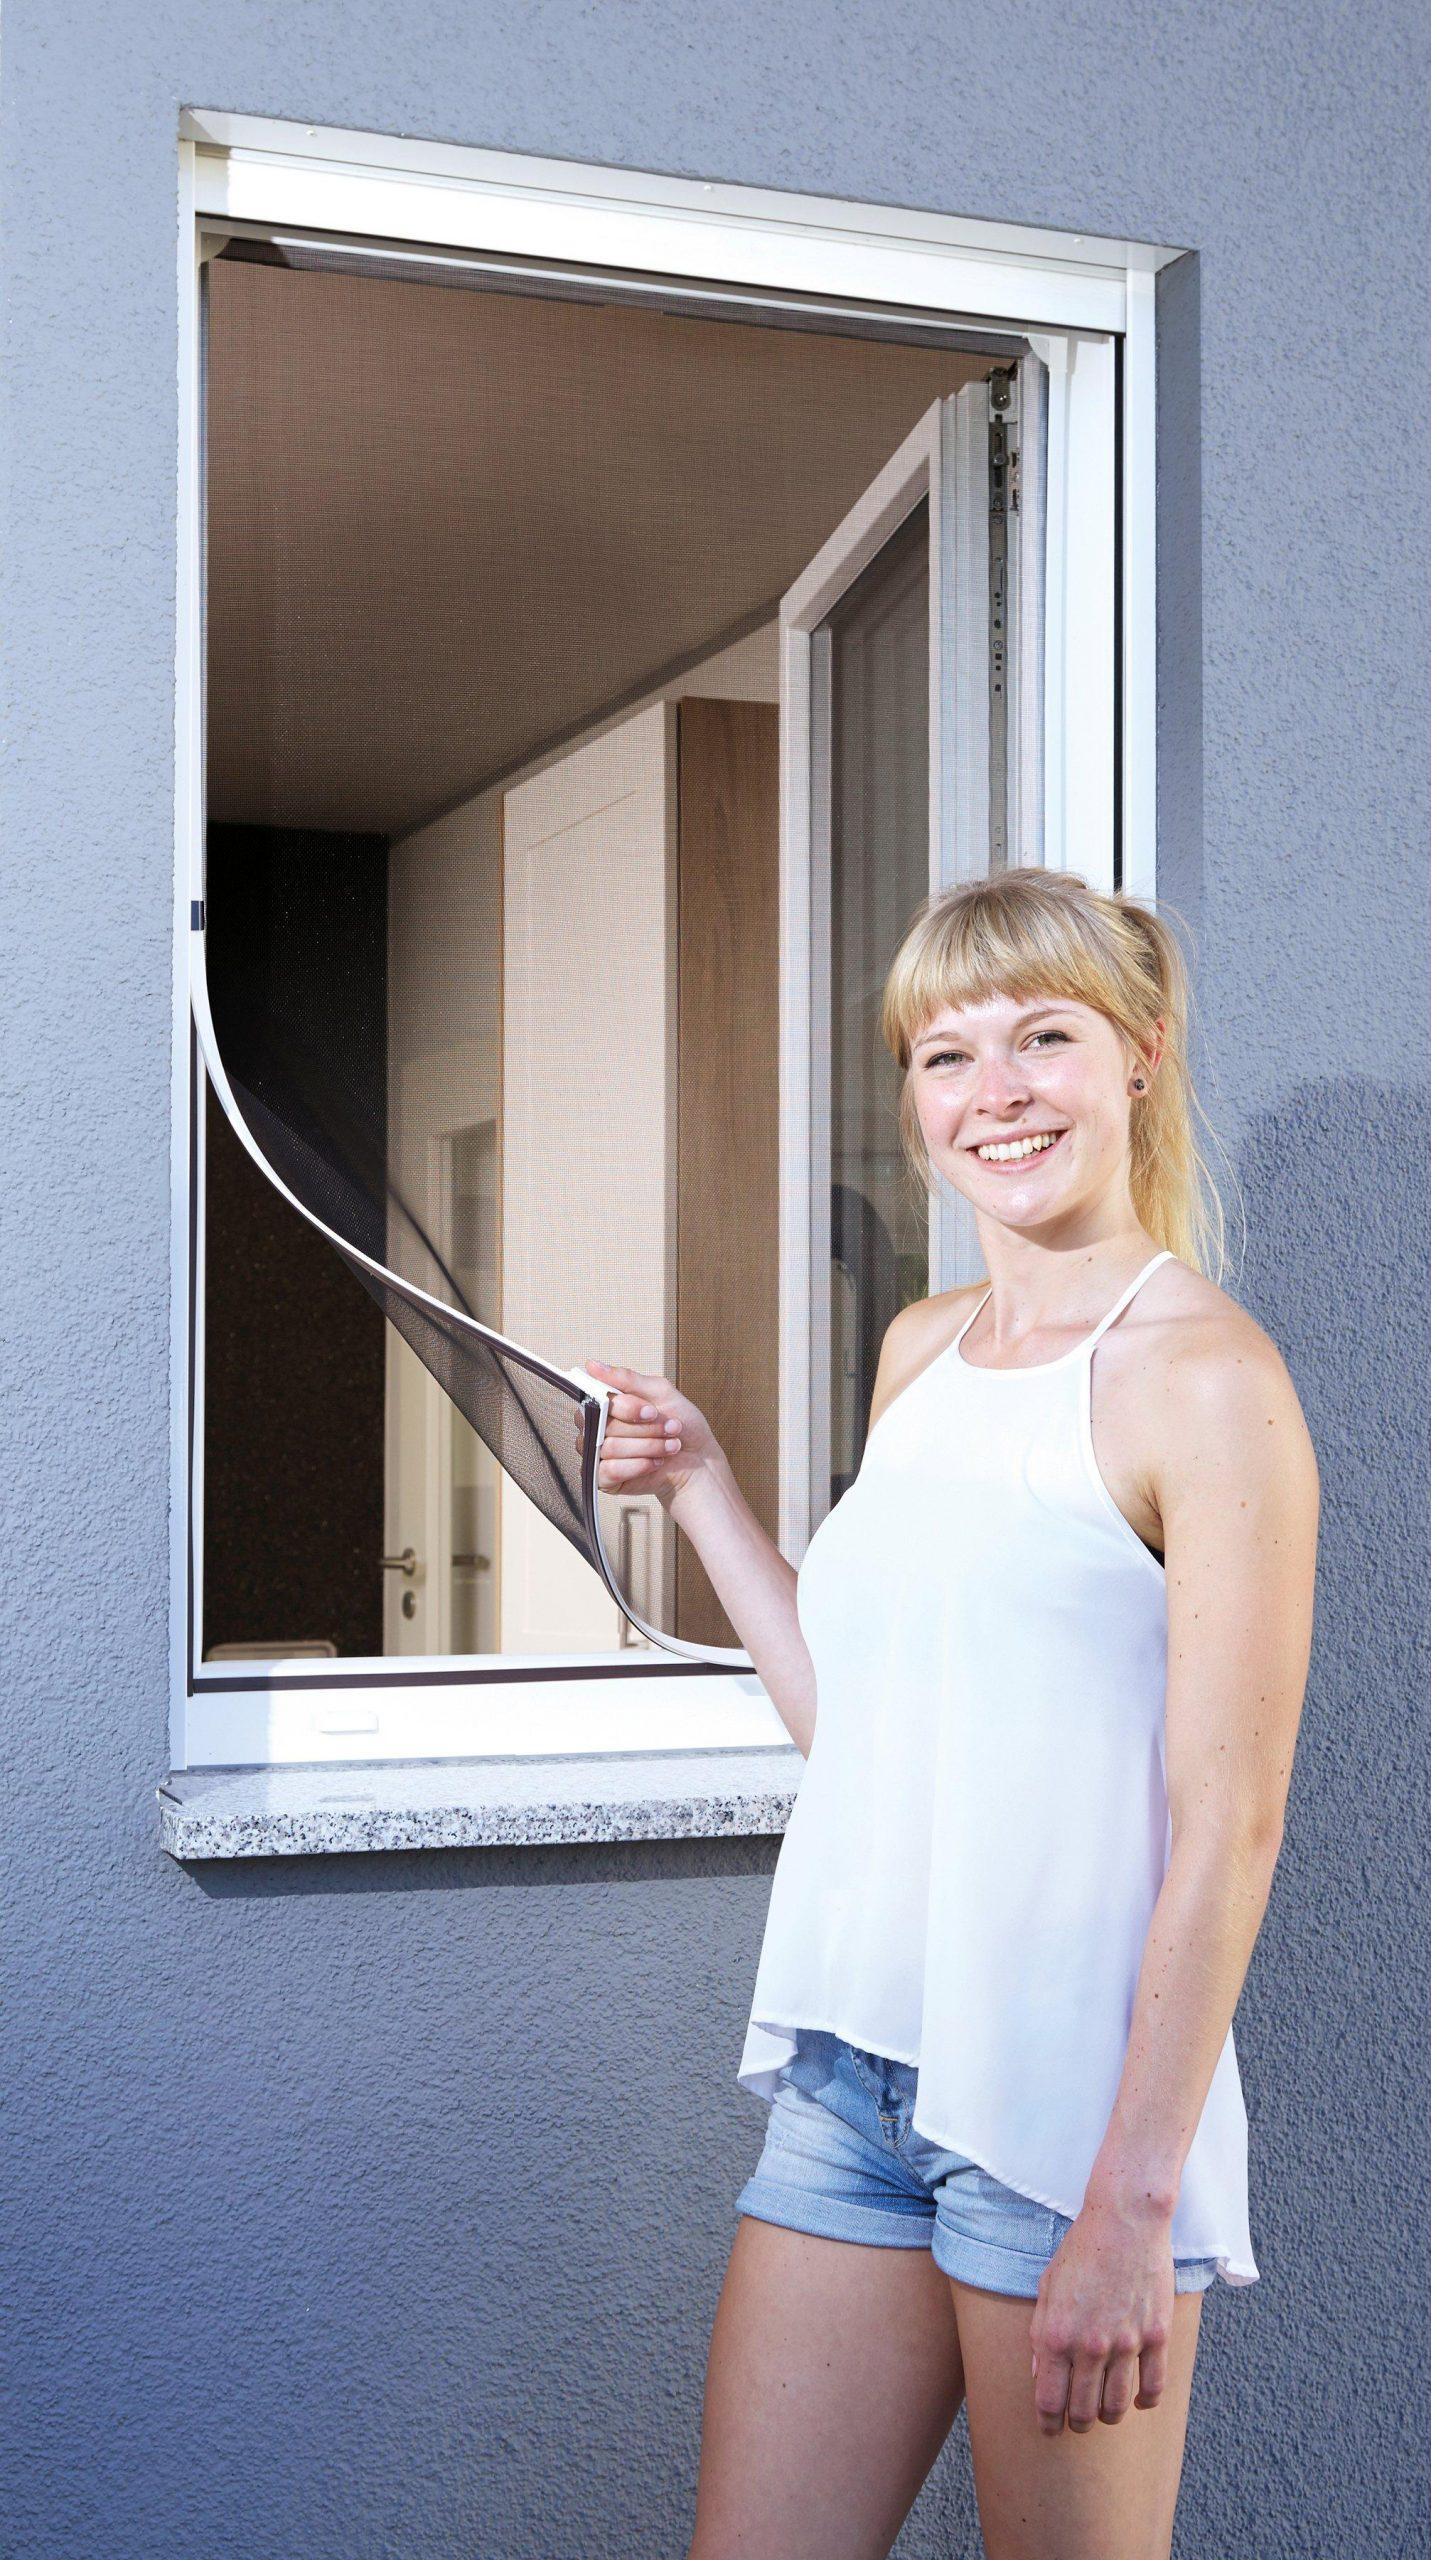 Full Size of Fenster 120x120 Schellenberg Insektenschutz Magnet Landhaus Schüco Preise Wärmeschutzfolie Austauschen Kaufen In Polen Sonnenschutz Mit Lüftung Fenster Fenster 120x120